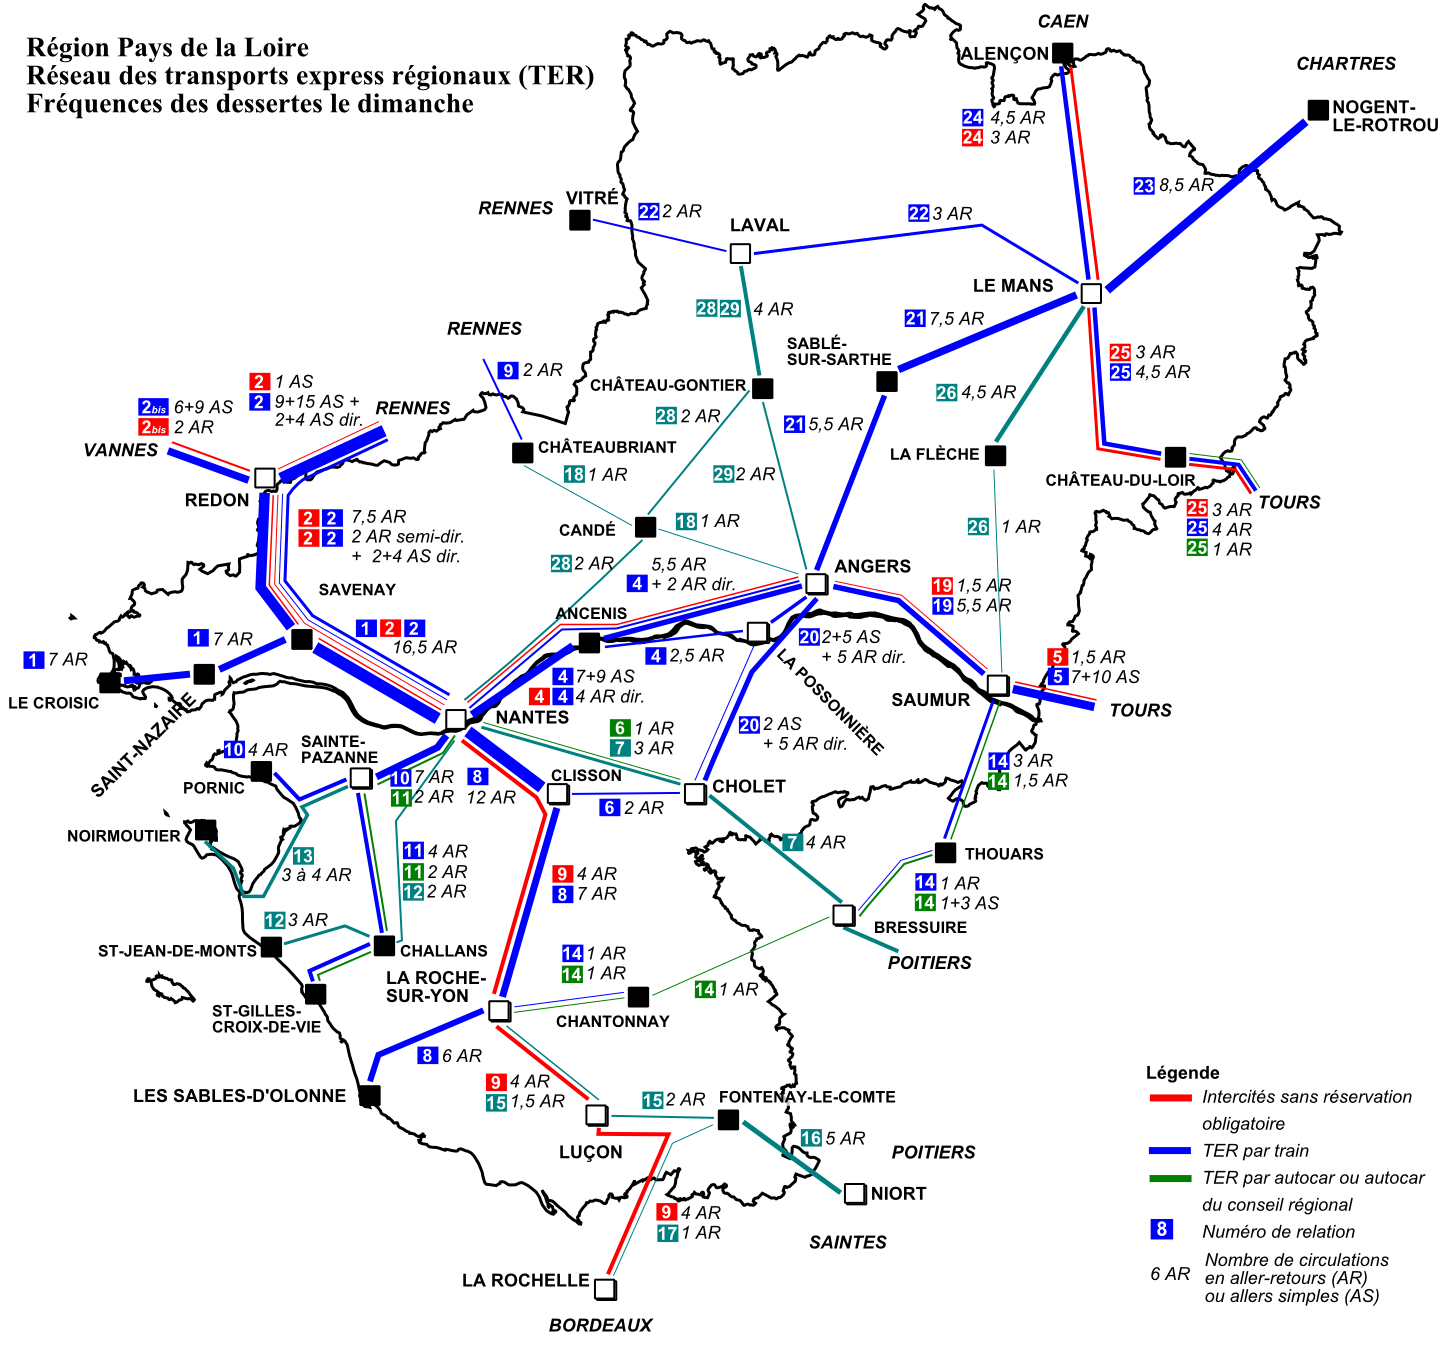 carte ter pays de la loire File:TER Pays de la Loire, fréquence le dimanche.png   Wikimedia